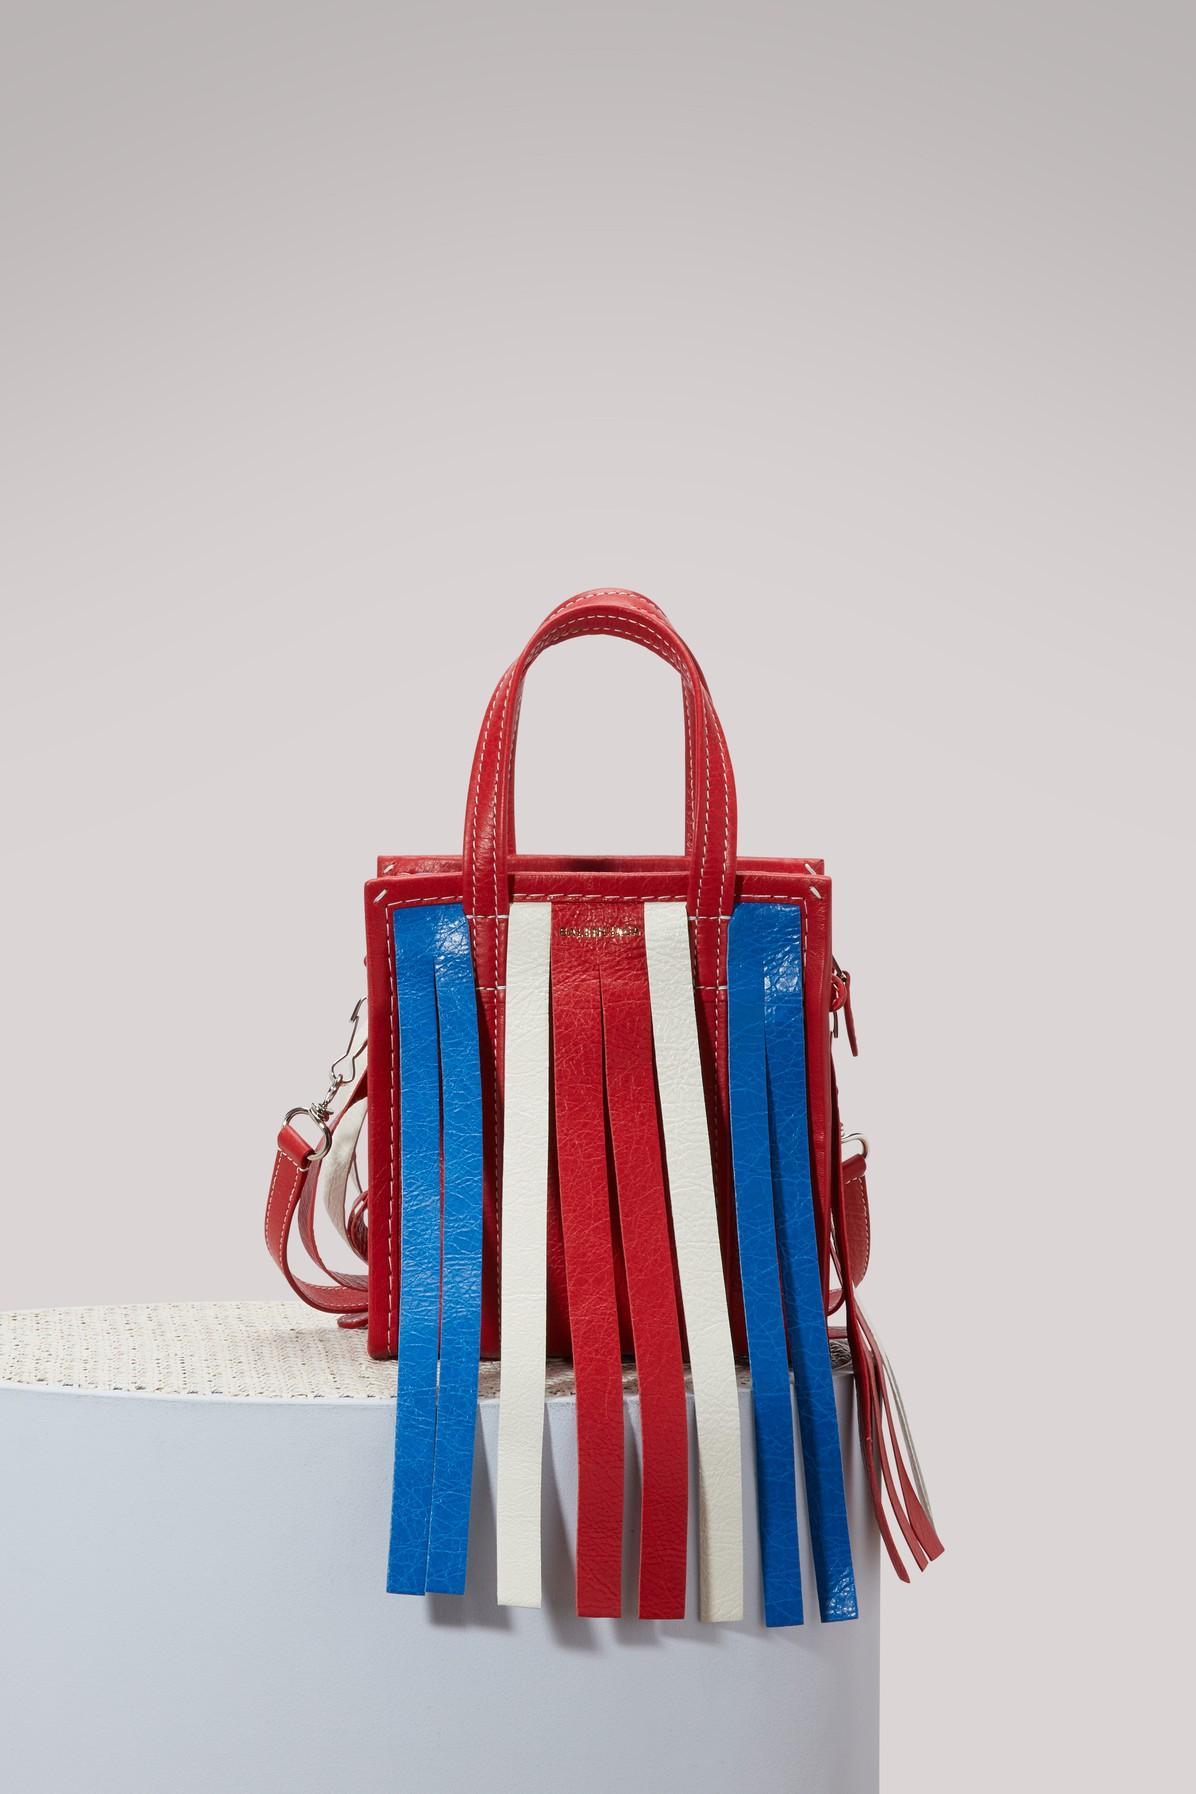 Balenciaga Bazar Cuir Arena Xxs Shoulder Bag In Multicolor